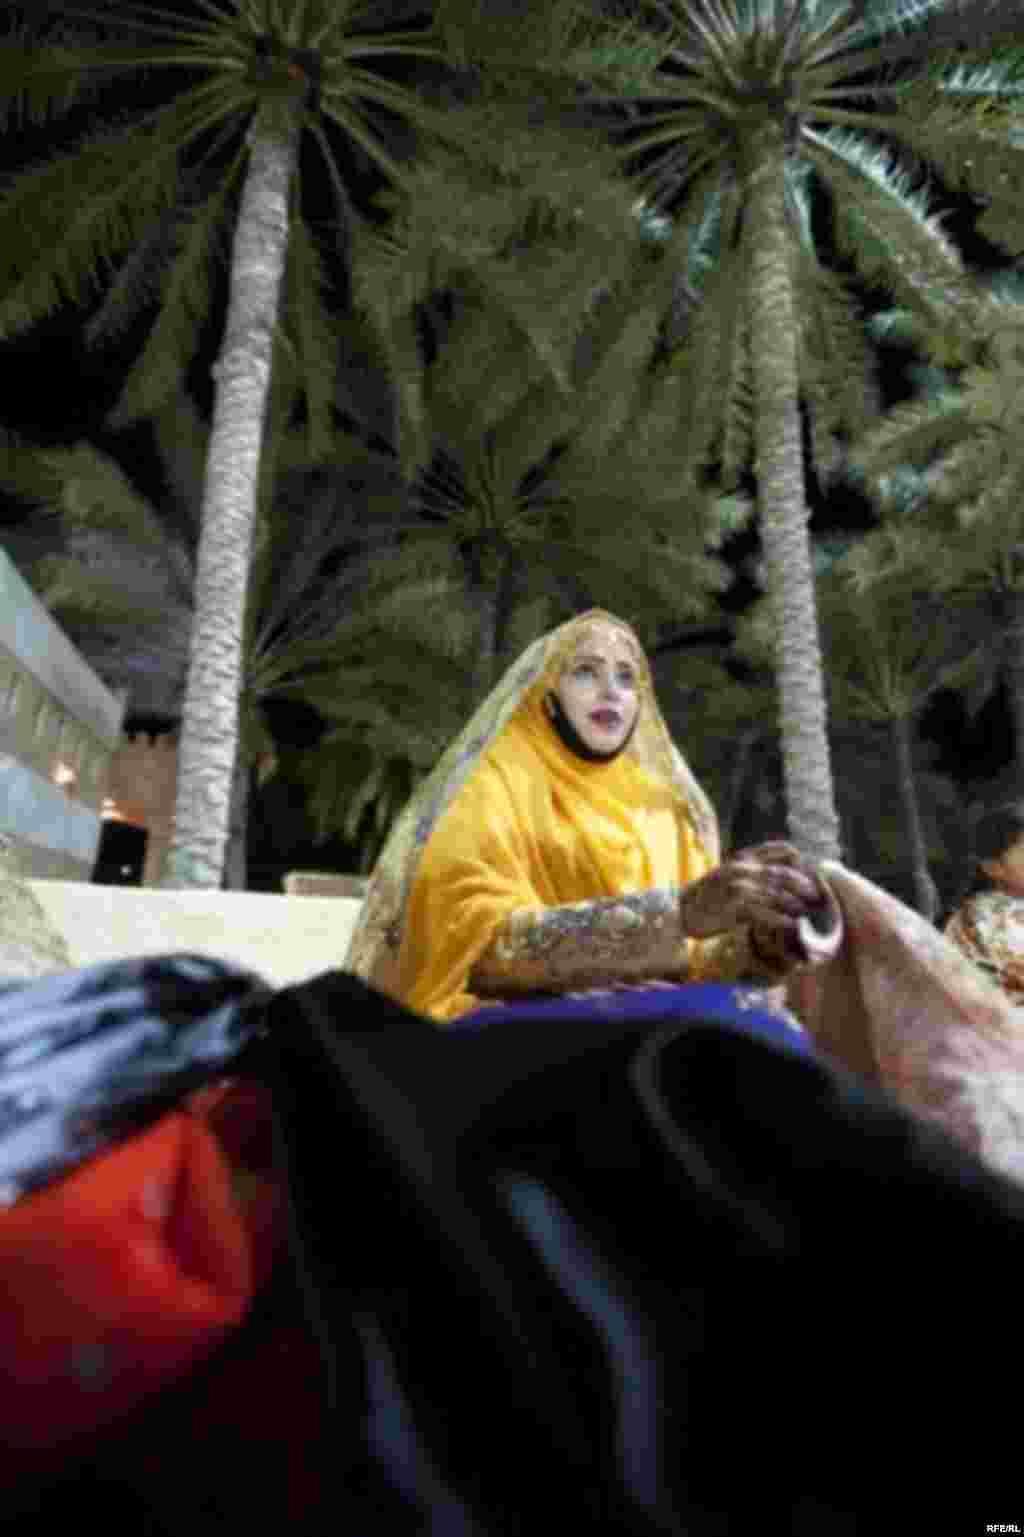 Омандагы фестивалдан дубай салам, 14.2.11/JCH #13